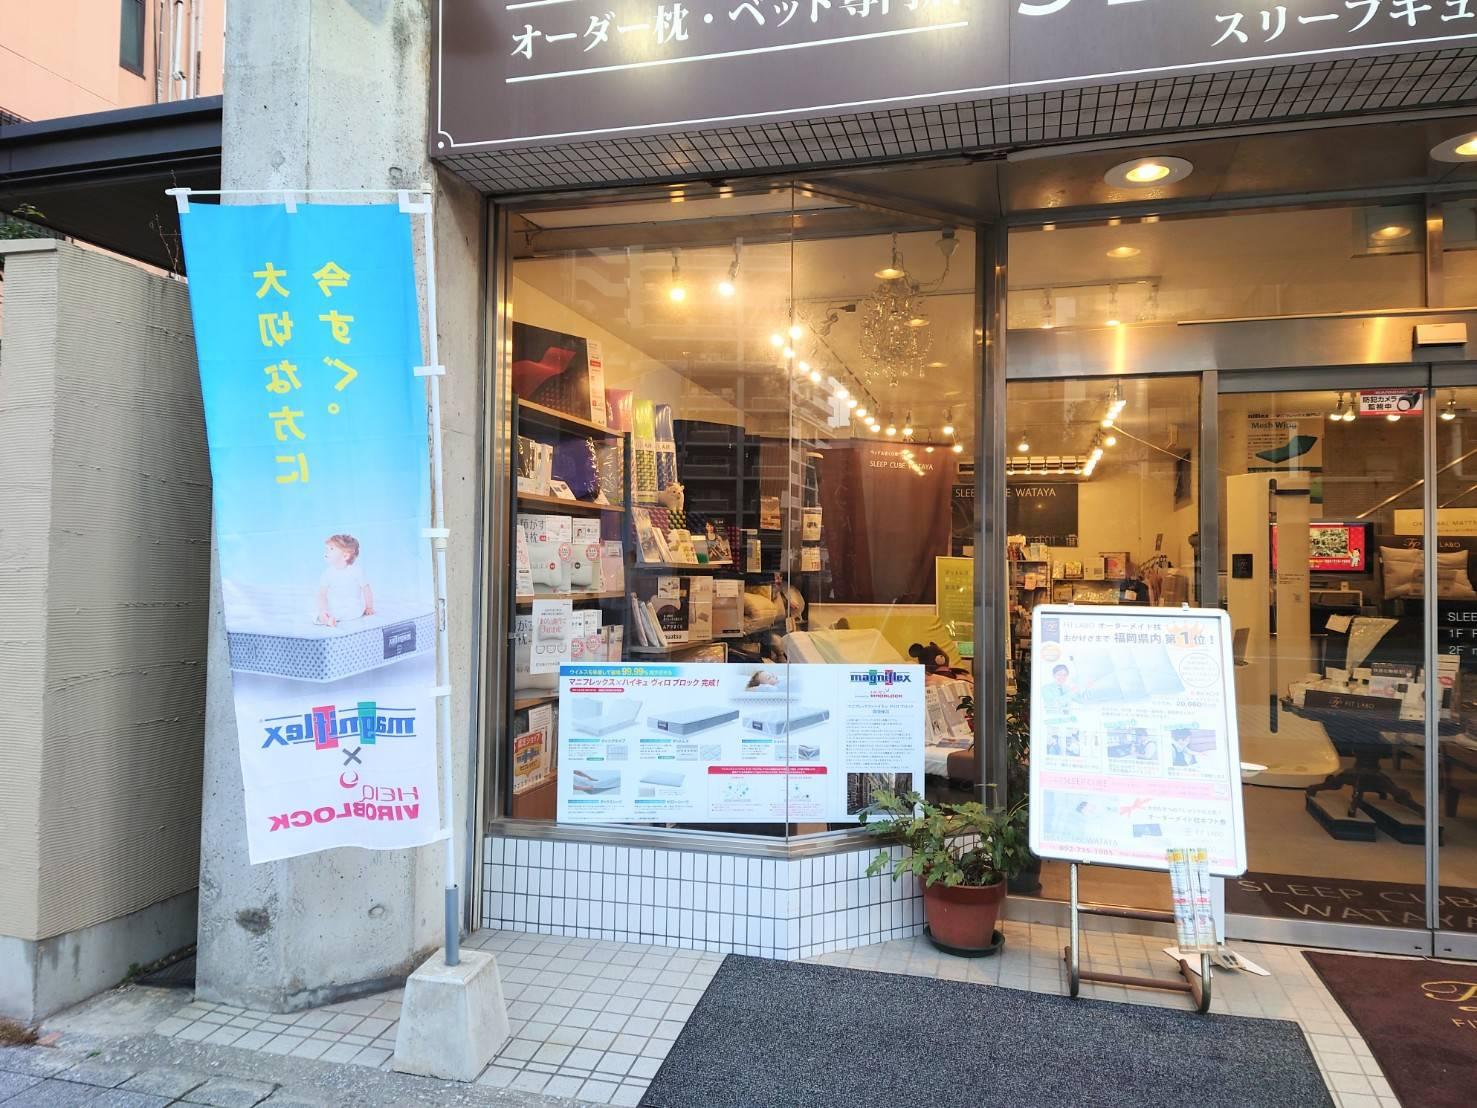 好評なマニフレックスシリーズ/マニフレックス展示九州最大級のマニステージ福岡